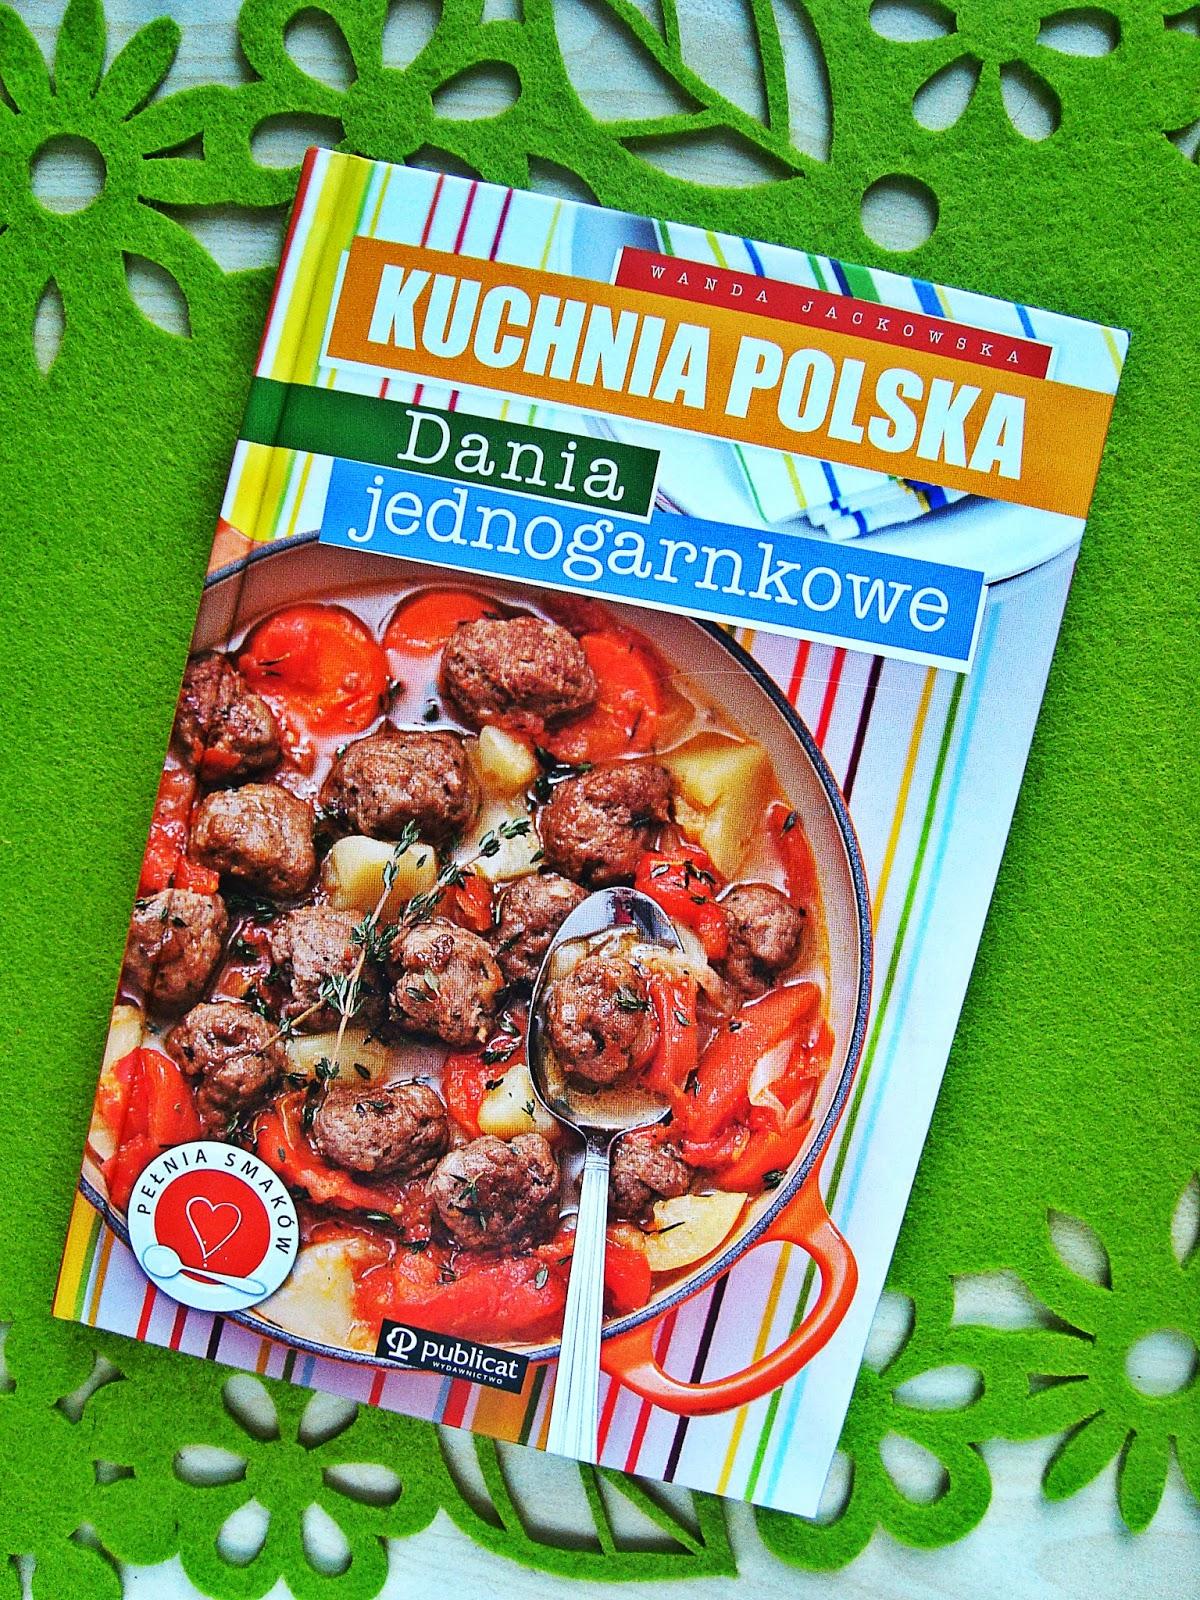 Wanda Jackowska Kuchnia Polska Dania Jednogarnkowe